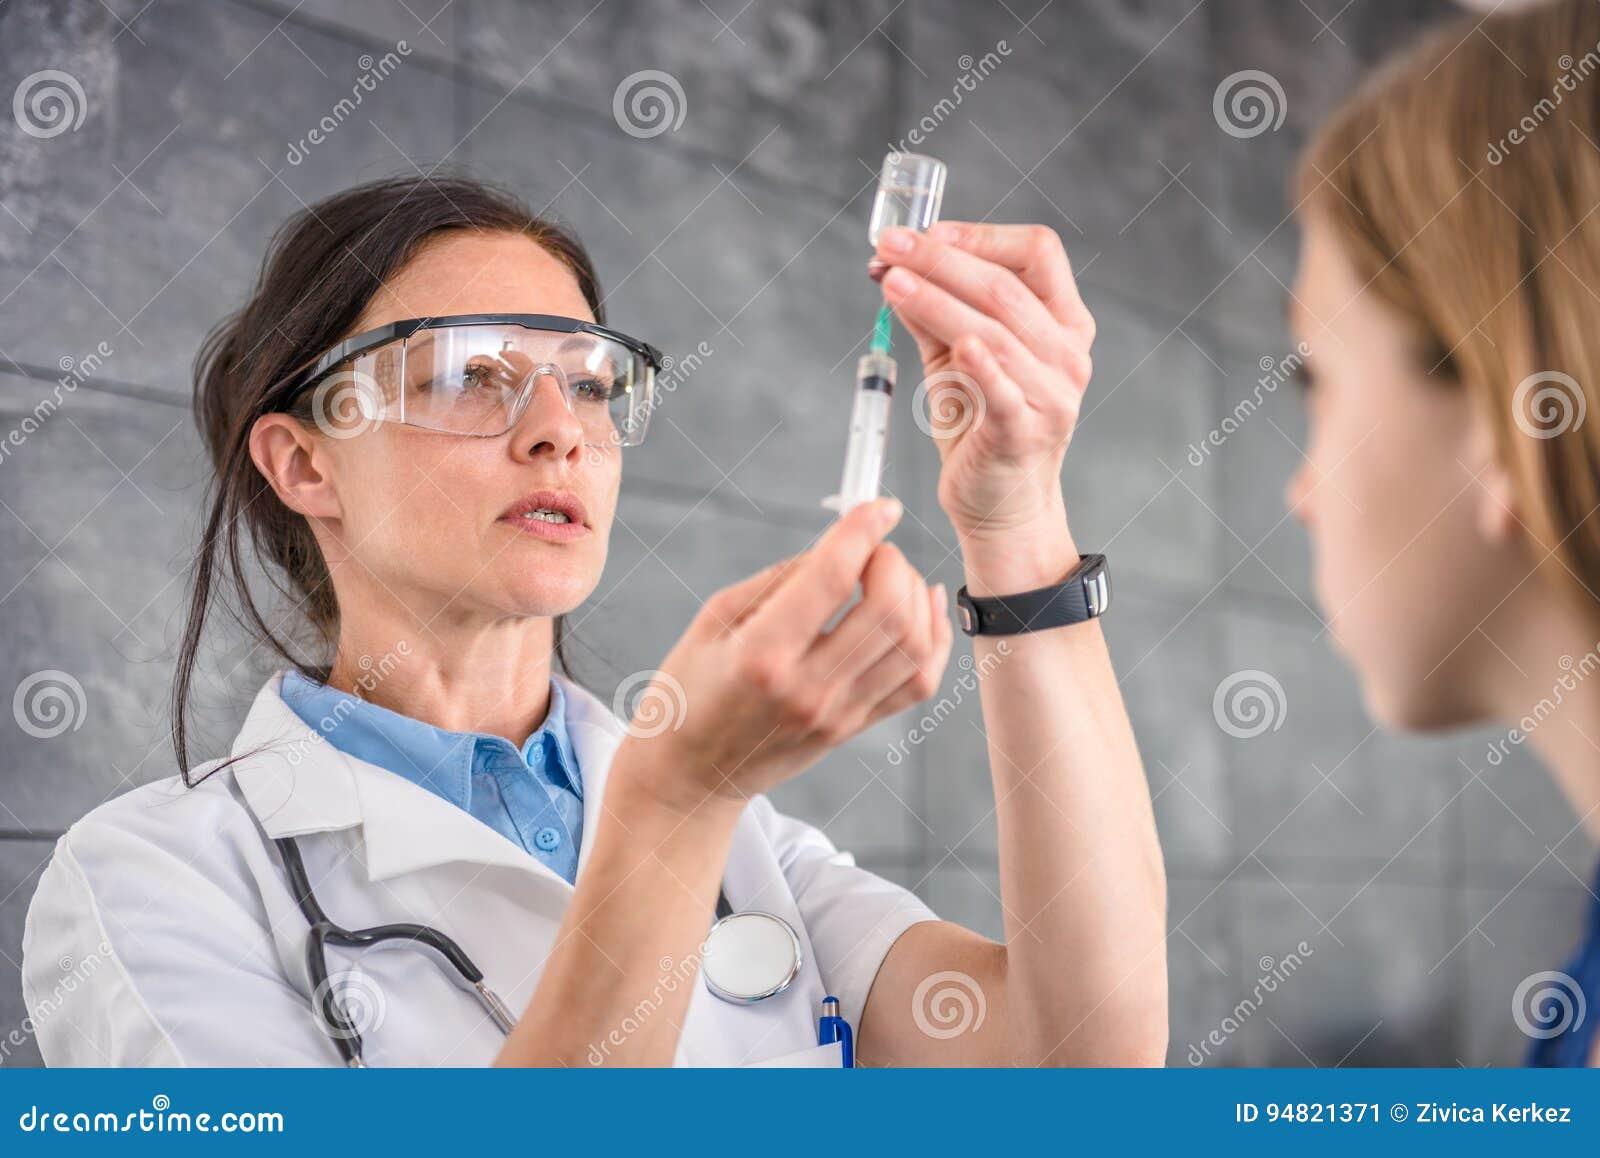 Medique a preparação de uma vacina injetar em um paciente